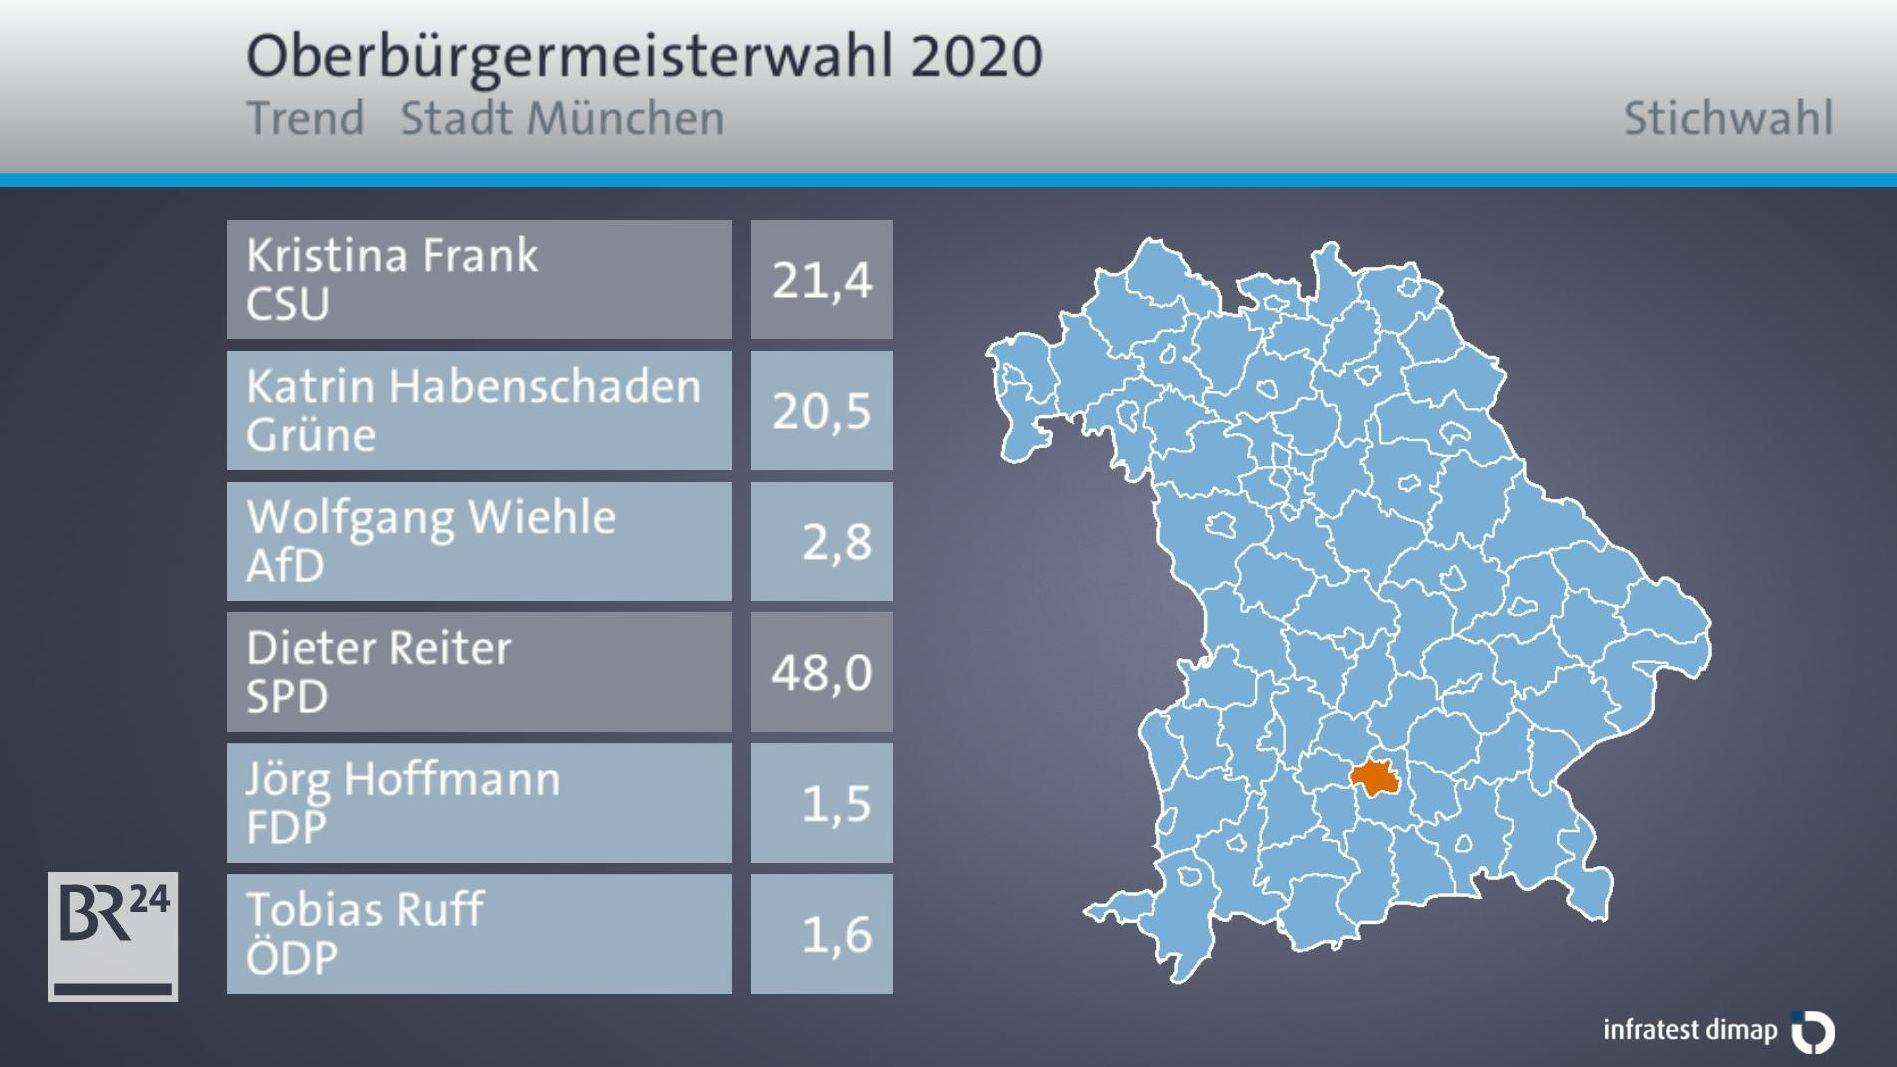 Grafik: Die Oberbürgermeisterwahl in München